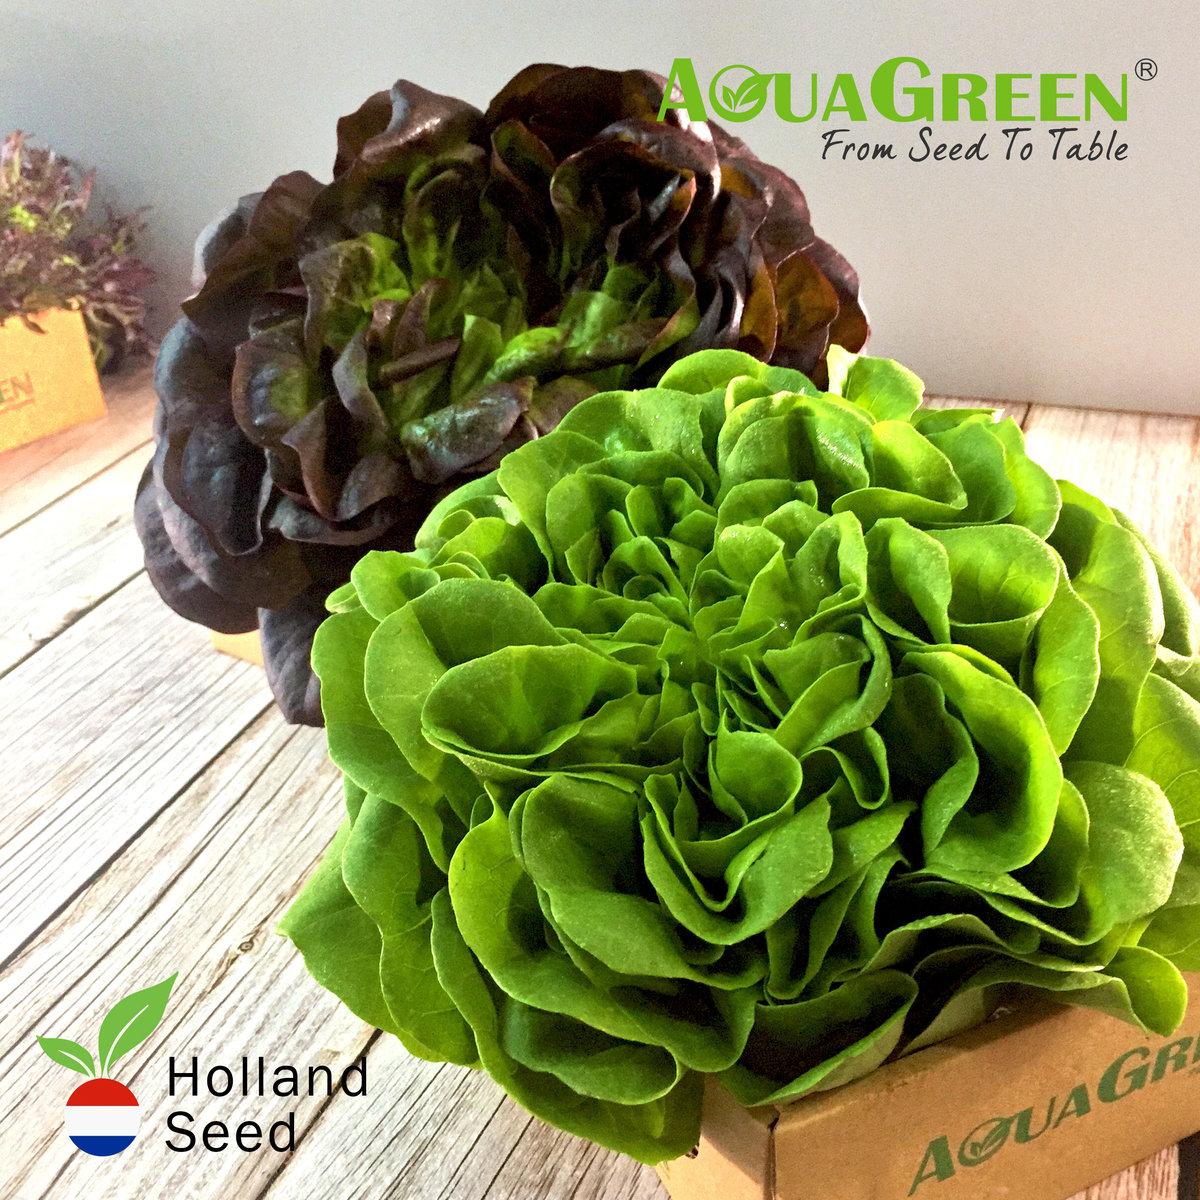 荷蘭種子紅、綠牛油生菜 (200克)